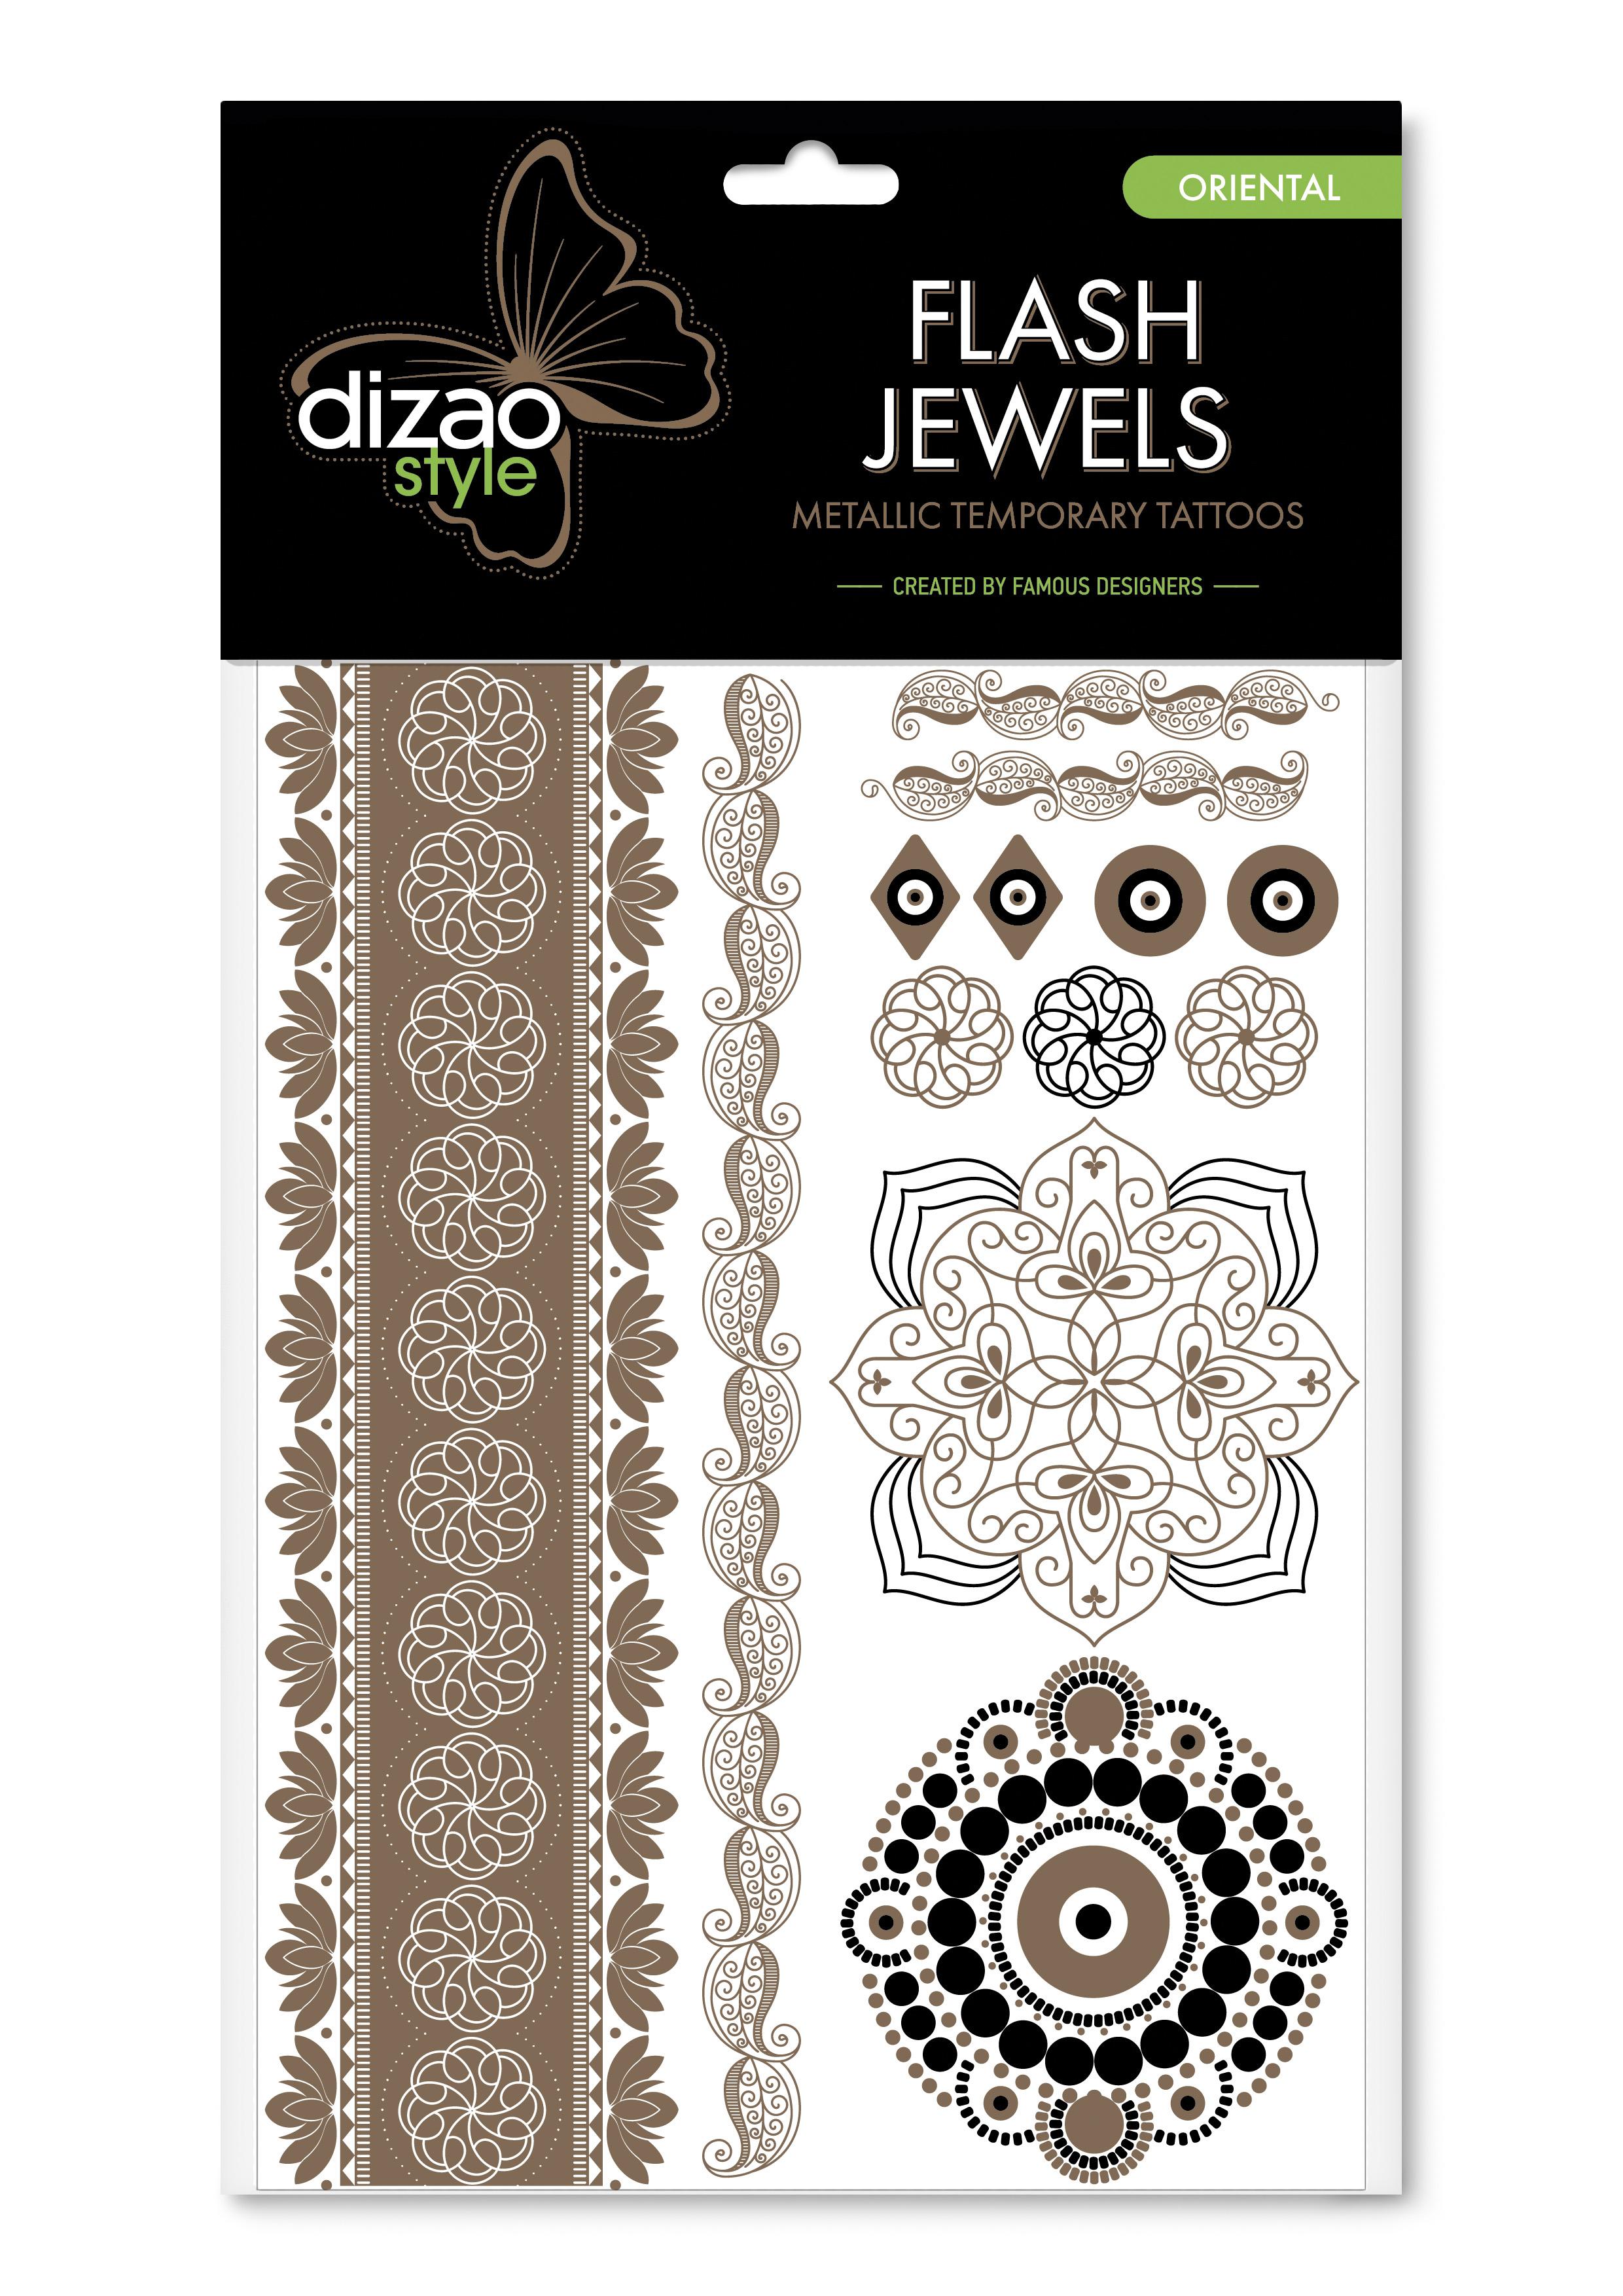 Dizao Временные золотые тату Flash Jewels: Восток5292452002502Оригинальные золотистые временные татуировки Dizao Flash Jewels: Восток позволят вам добавить изысканный штрих к вашему образу. В набор входит множество разнообразных дизайнов, которые вы сможете сочетать по своему вкусу.Откройте для себя мир идеальных линий и оригинальных дизайнов, которые заблистают на вашей коже благородным блеском золота и серебра. Позвольте украшениям стать органичной частью вашего тела. Следуйте самым последним тенденциям и всегда оставайтесь на пике моды. Подарите себе роскошь и непревзойденный стиль с тату Dizao. Премиальные золотые временные тату Flash Jewels: - имеют уникальные дизайны -держатся на коже продолжительное время, не теряя привлекательности-легко наносятся и удаляются-не вызывают покраснений и раздражений, не содержат токсичных компонентов Применять временные тату невероятно легко: вырежьте понравившуюся аппликацию, наложите ее рисунком вниз на сухую чистую кожу, прижмите к аппликации мокрую губку или ватный диск в течении 30 секунд, а затем удалите бумагу и позвольте аппликации высохнуть. Для того, чтобы удалить временную татуировку, нанесите на аппликацию косметическое или оливковое масло и осторожно сотрите ватным диском.